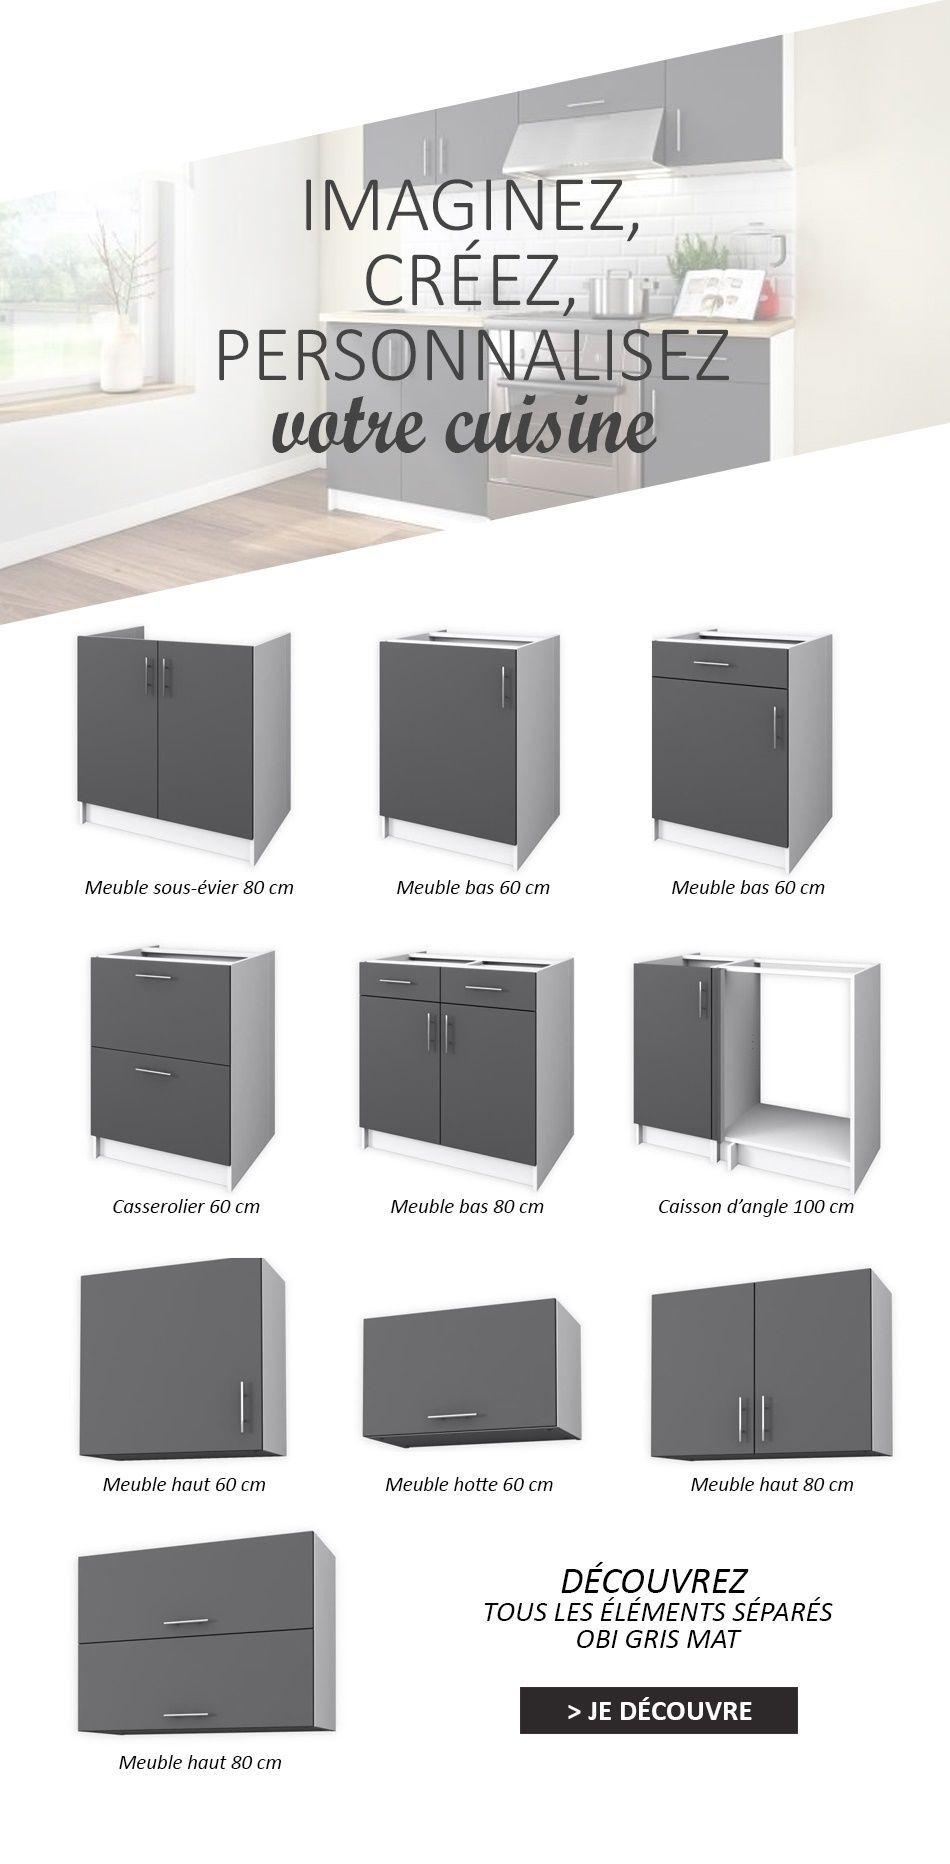 obi meuble sous vier l 80 cm gris mat achat vente. Black Bedroom Furniture Sets. Home Design Ideas